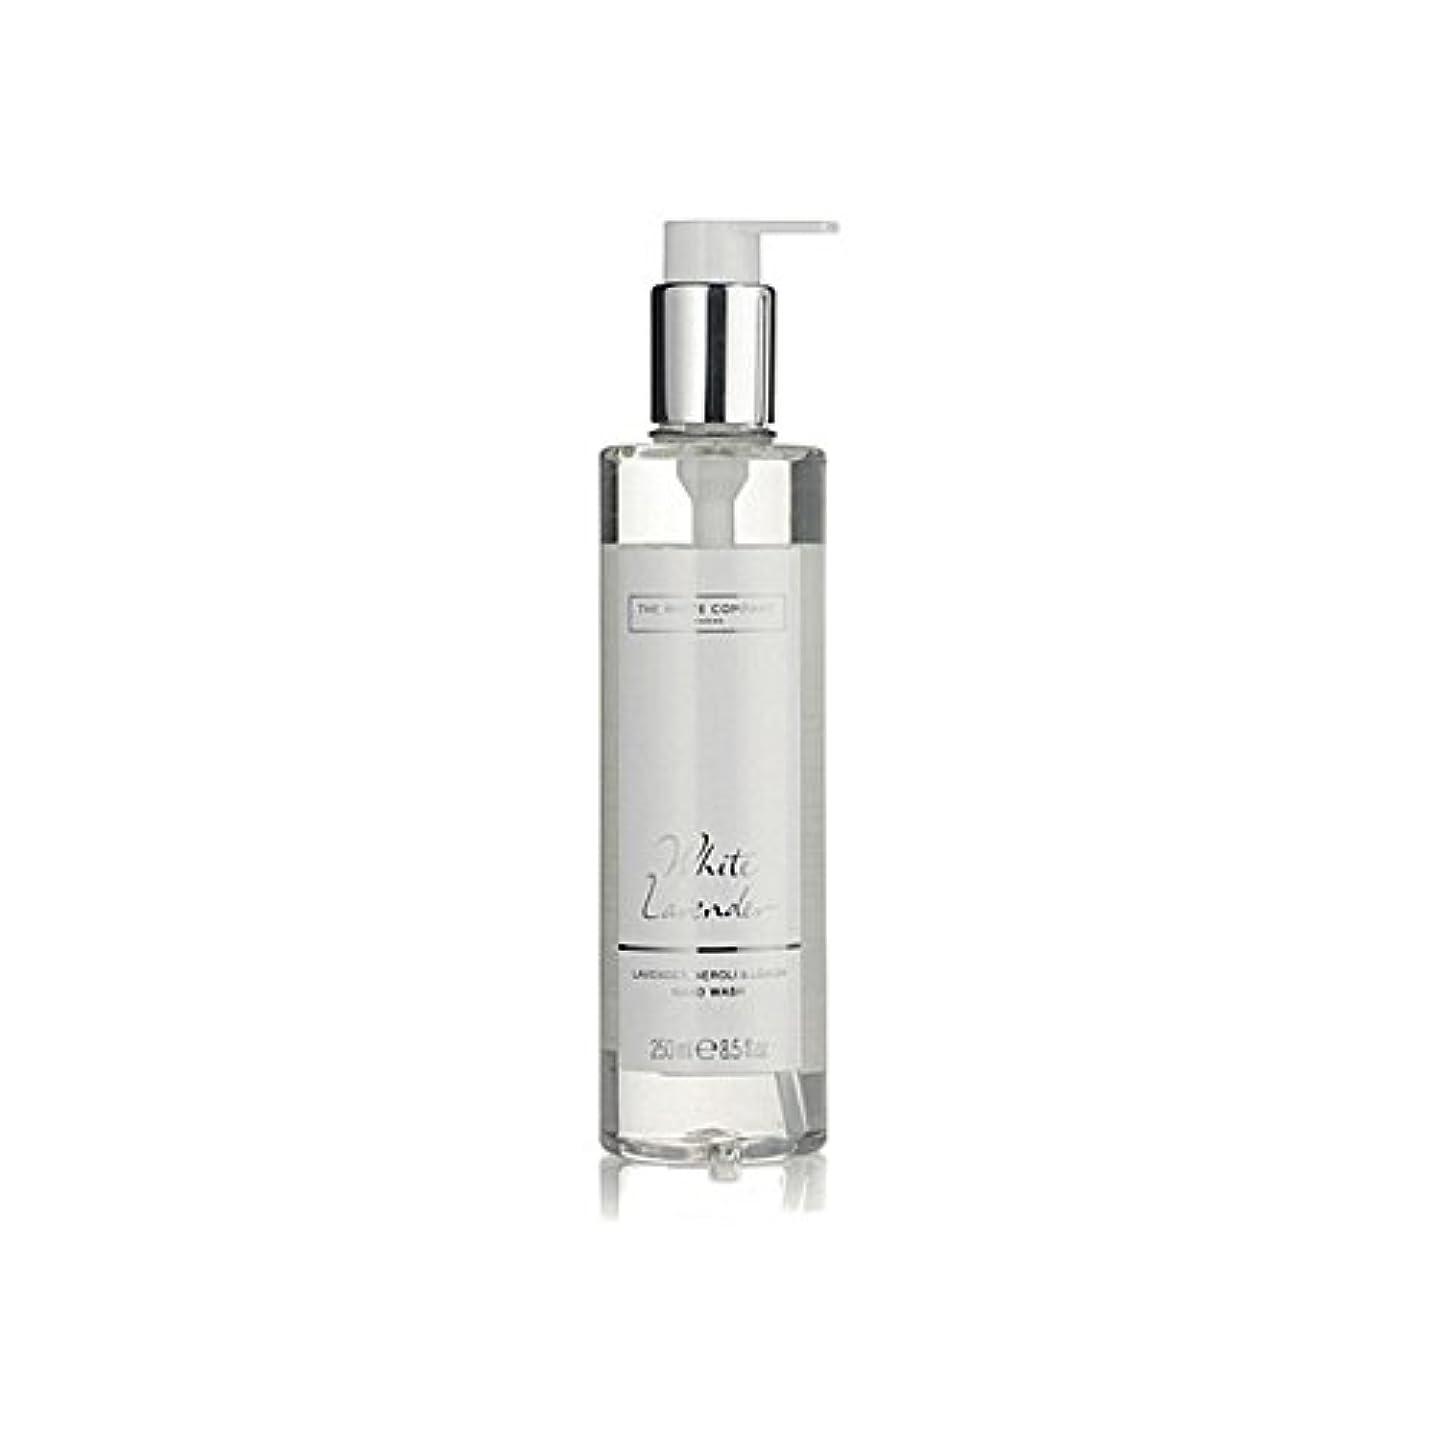 ファイバ増幅退化する白同社白ラベンダーハンドウォッシュ x4 - The White Company White Lavender Hand Wash (Pack of 4) [並行輸入品]